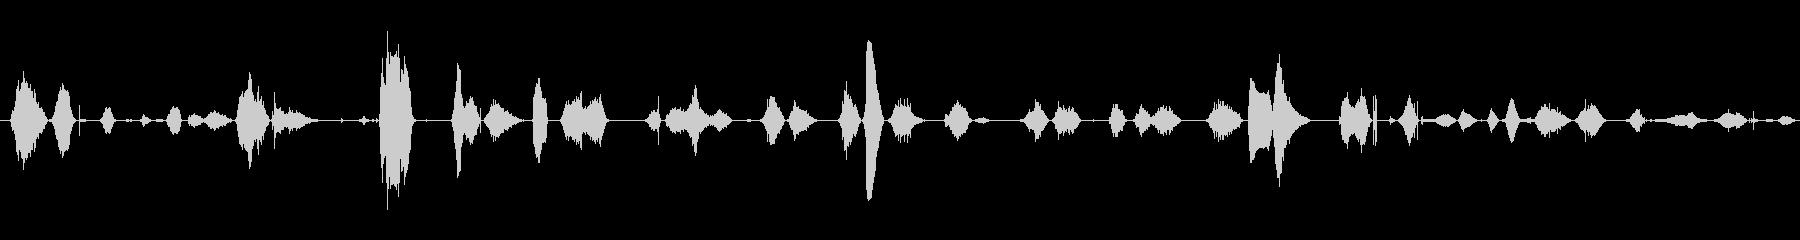 鳴き声 女性のワイン02の未再生の波形